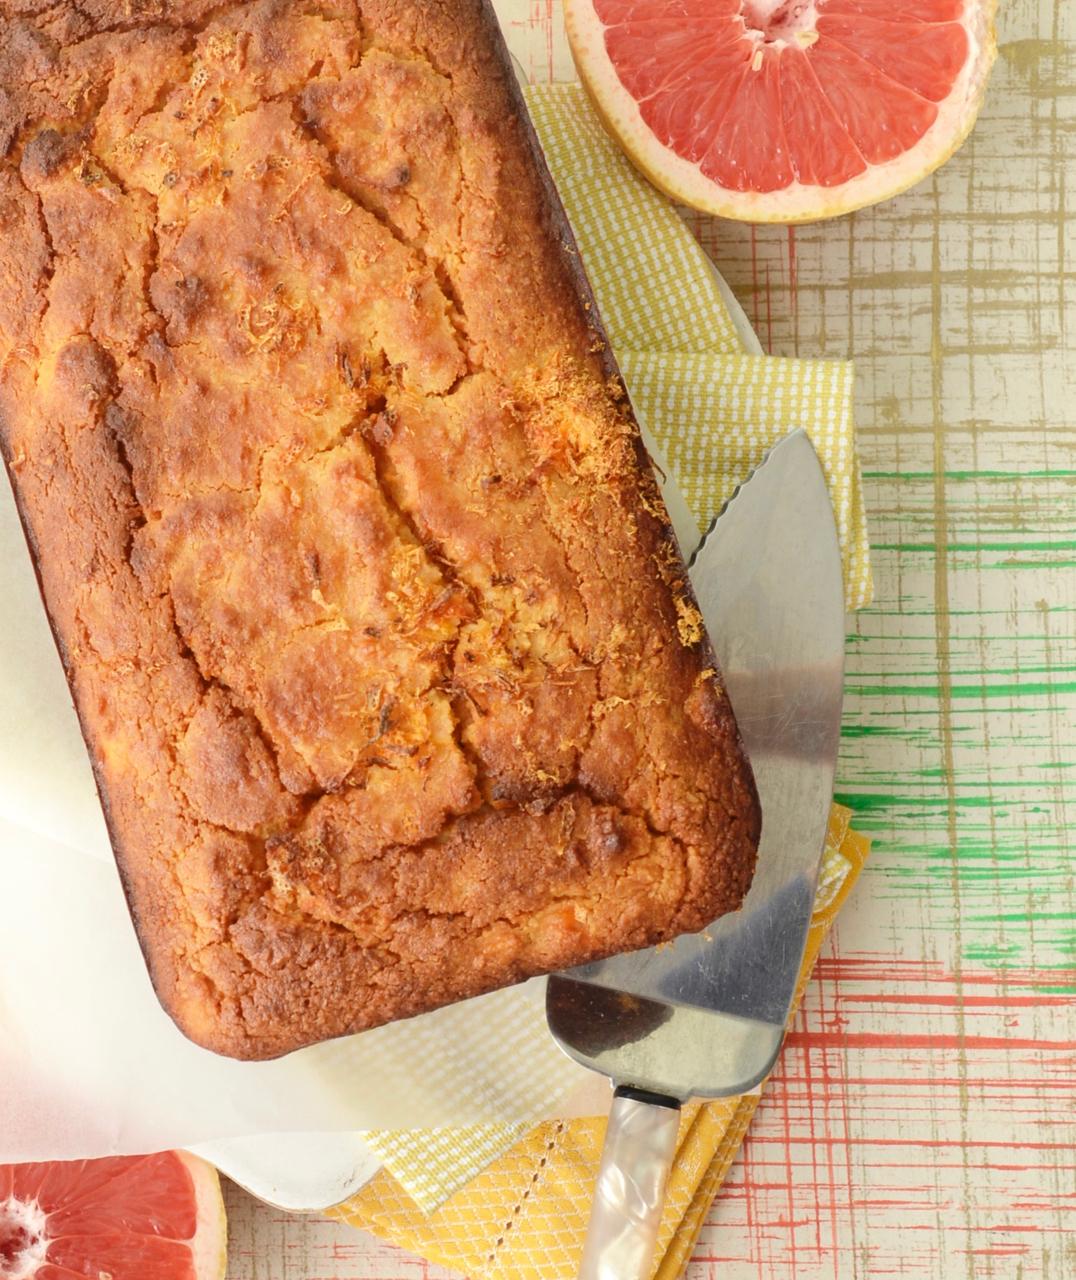 gf grapefruit loaf cake gastrogays cropped overhead